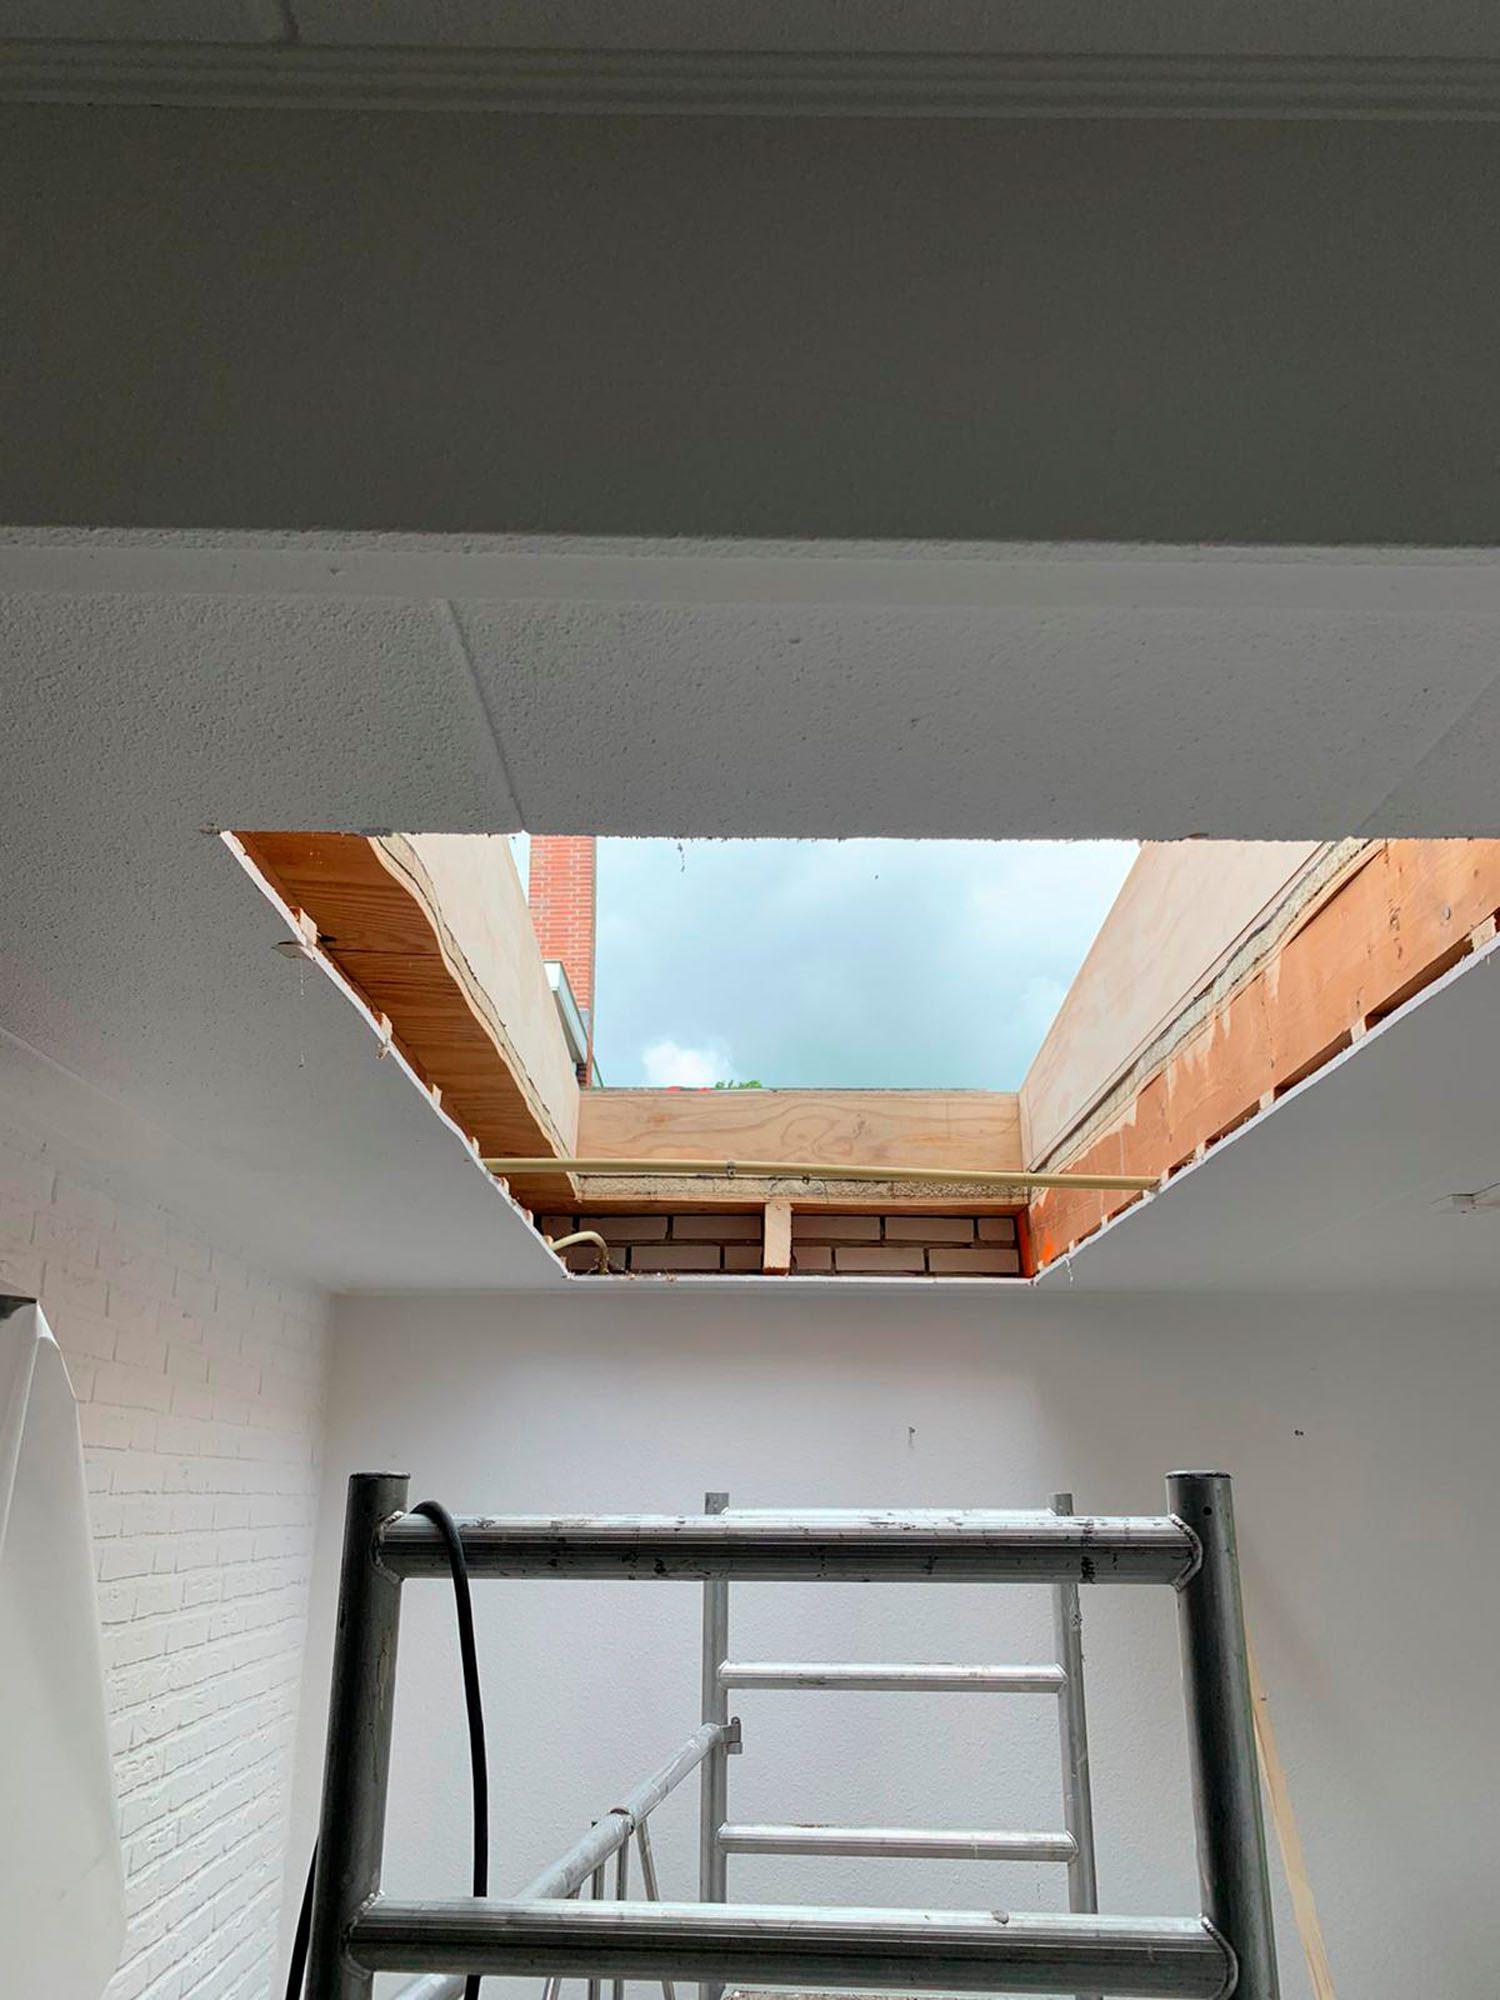 Verhoef-Dakramen-categorie platdak lichtstraat-PHOTO-2020-06-29-17-02-30